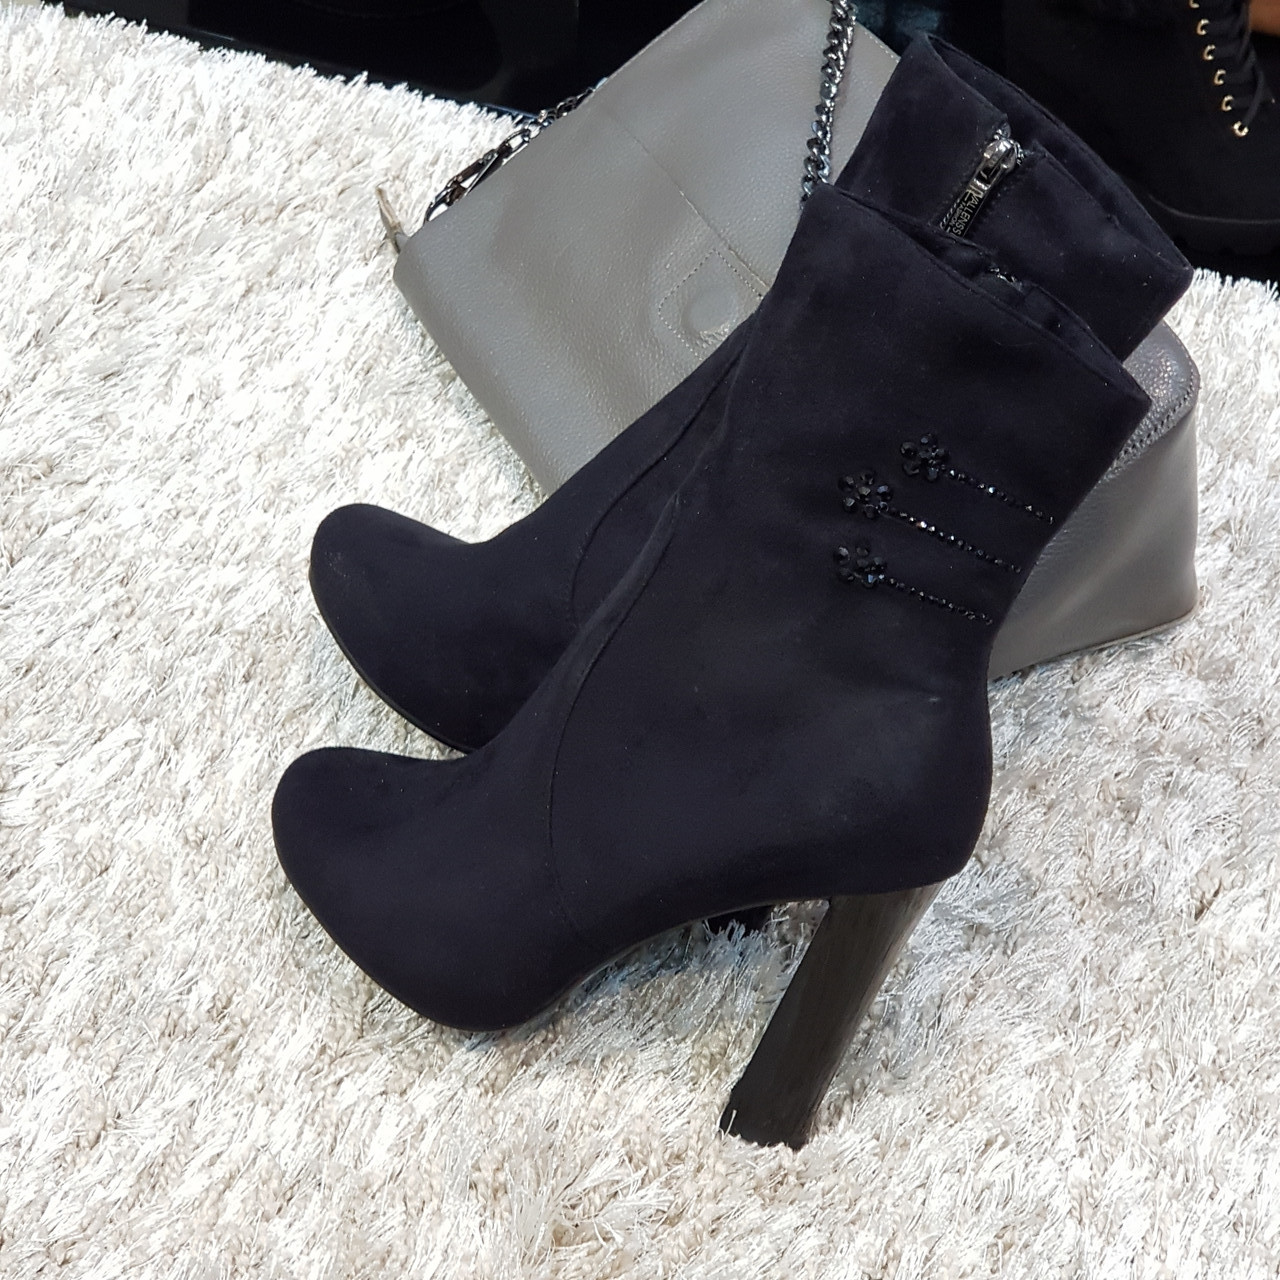 Ботинки женские демисезонные весна-осень на каблуке черные искусственная замша